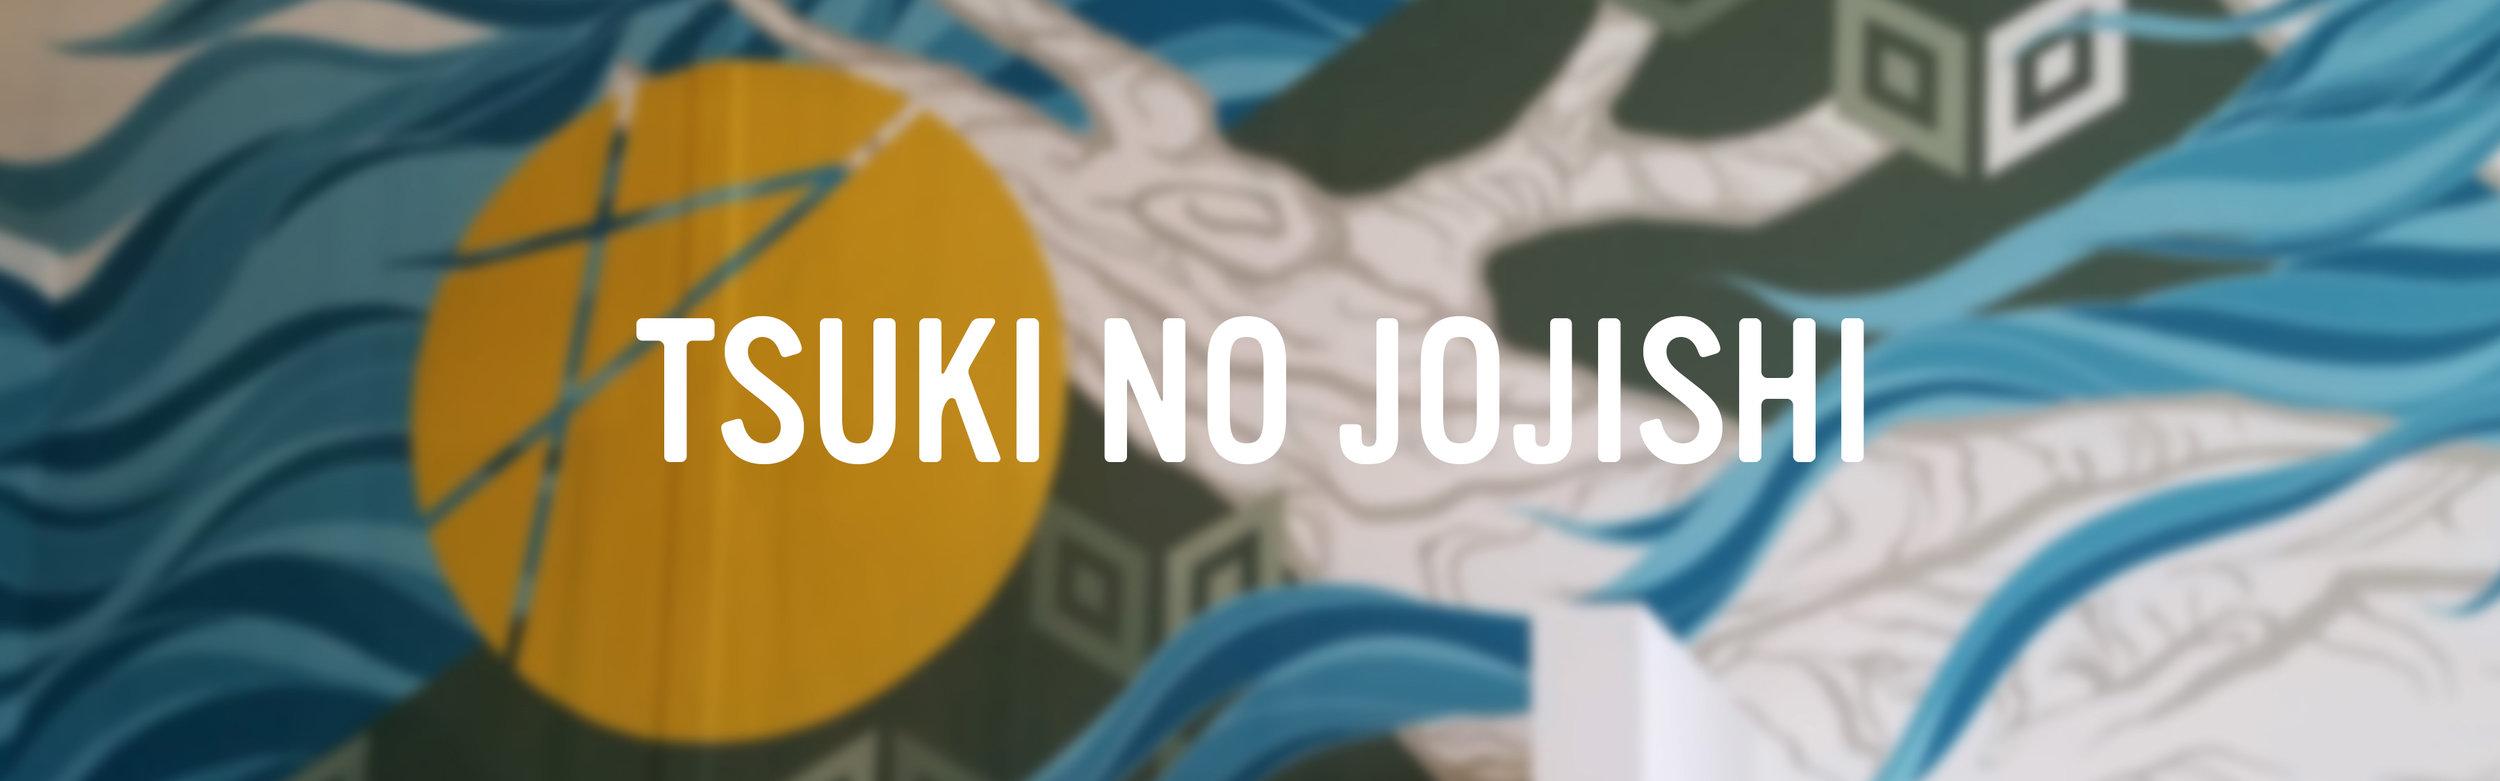 tsukinojojishi_banner_3.jpg